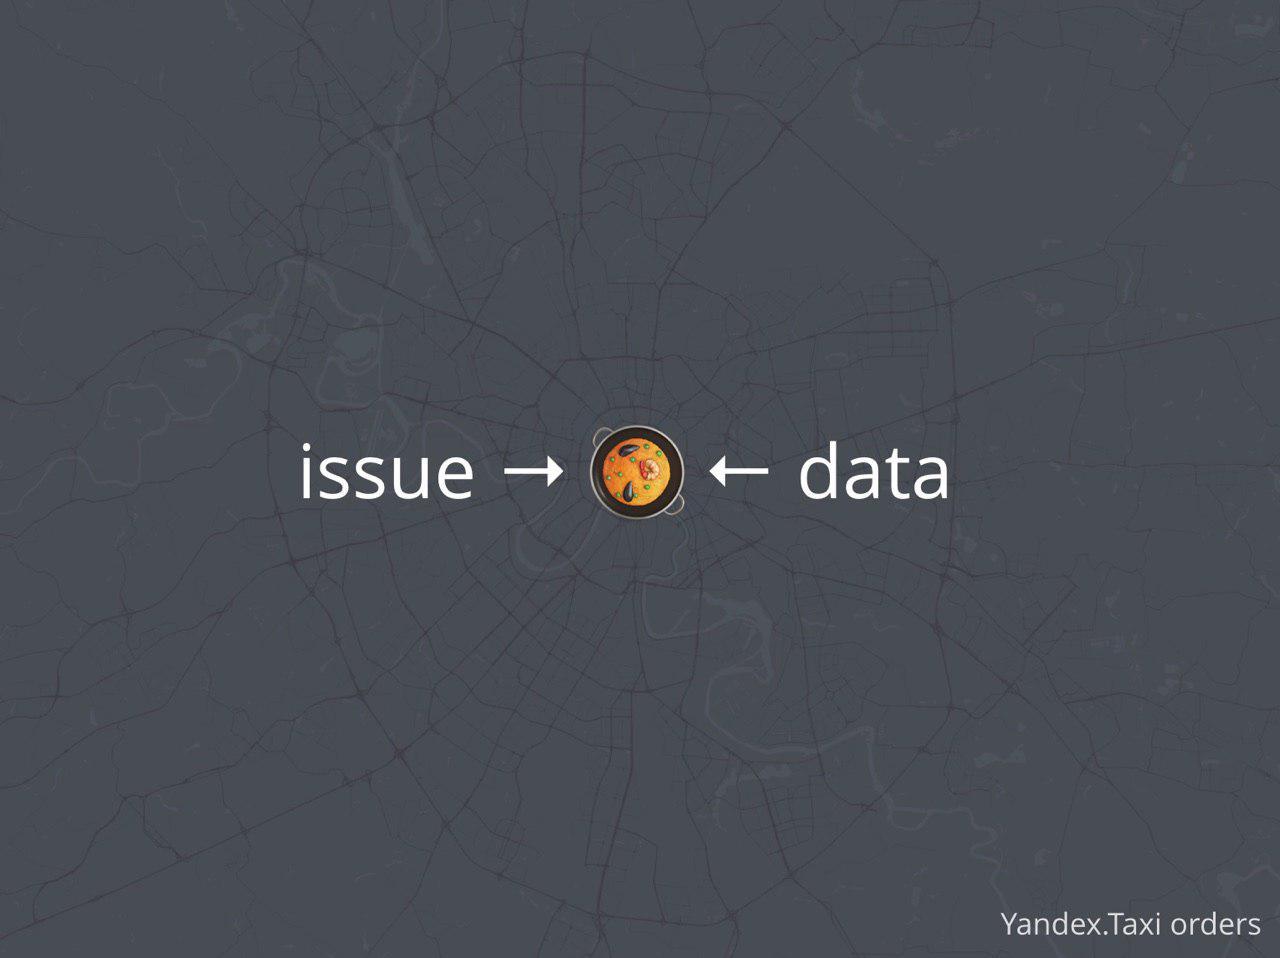 Дизайн города, основанный на данных. Лекция в Яндексе - 4